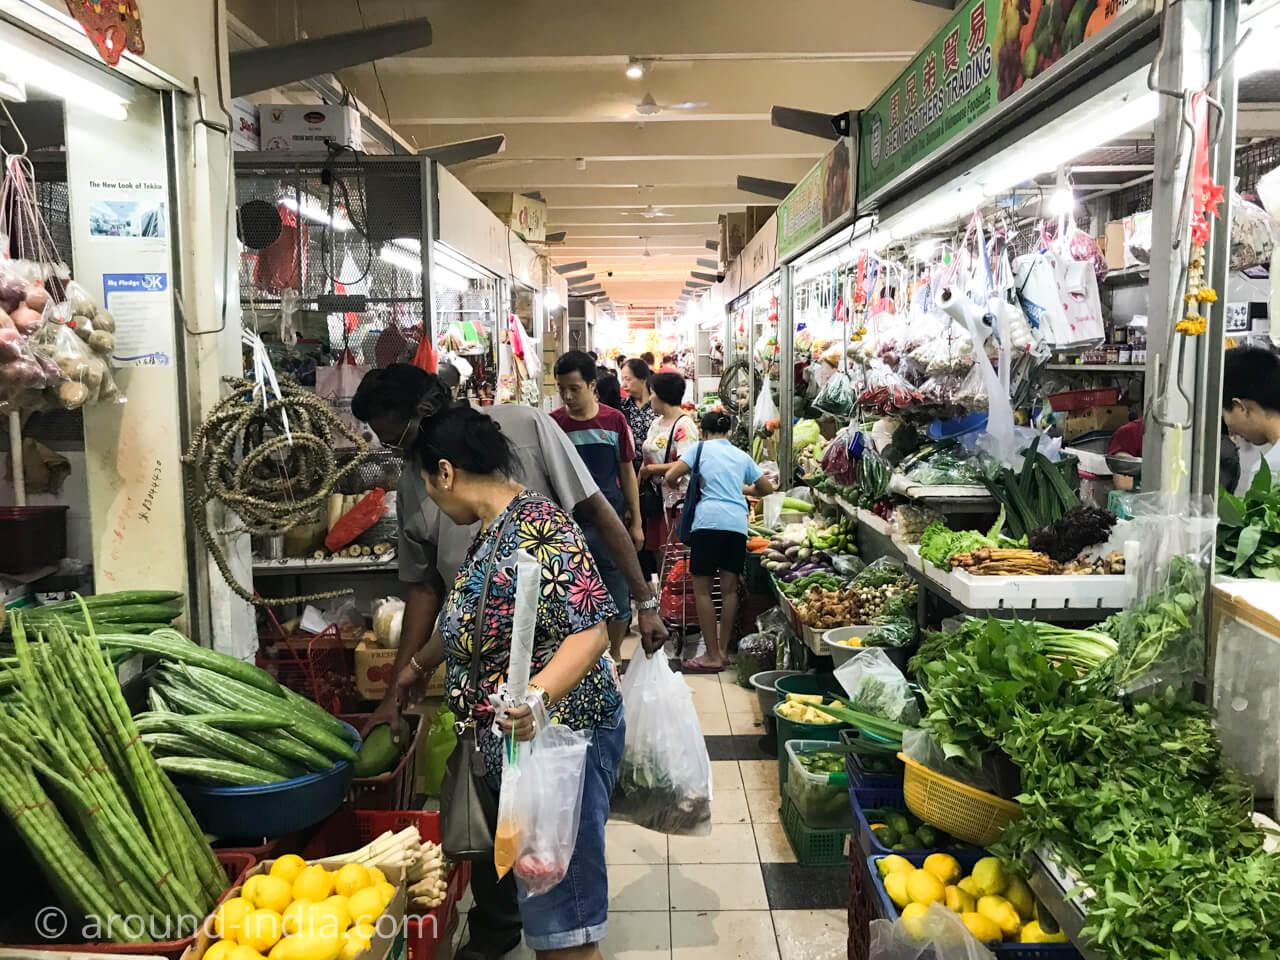 シンガポールのインド人街の市場、モリンガ、ドラムスティック、カレーリーフ